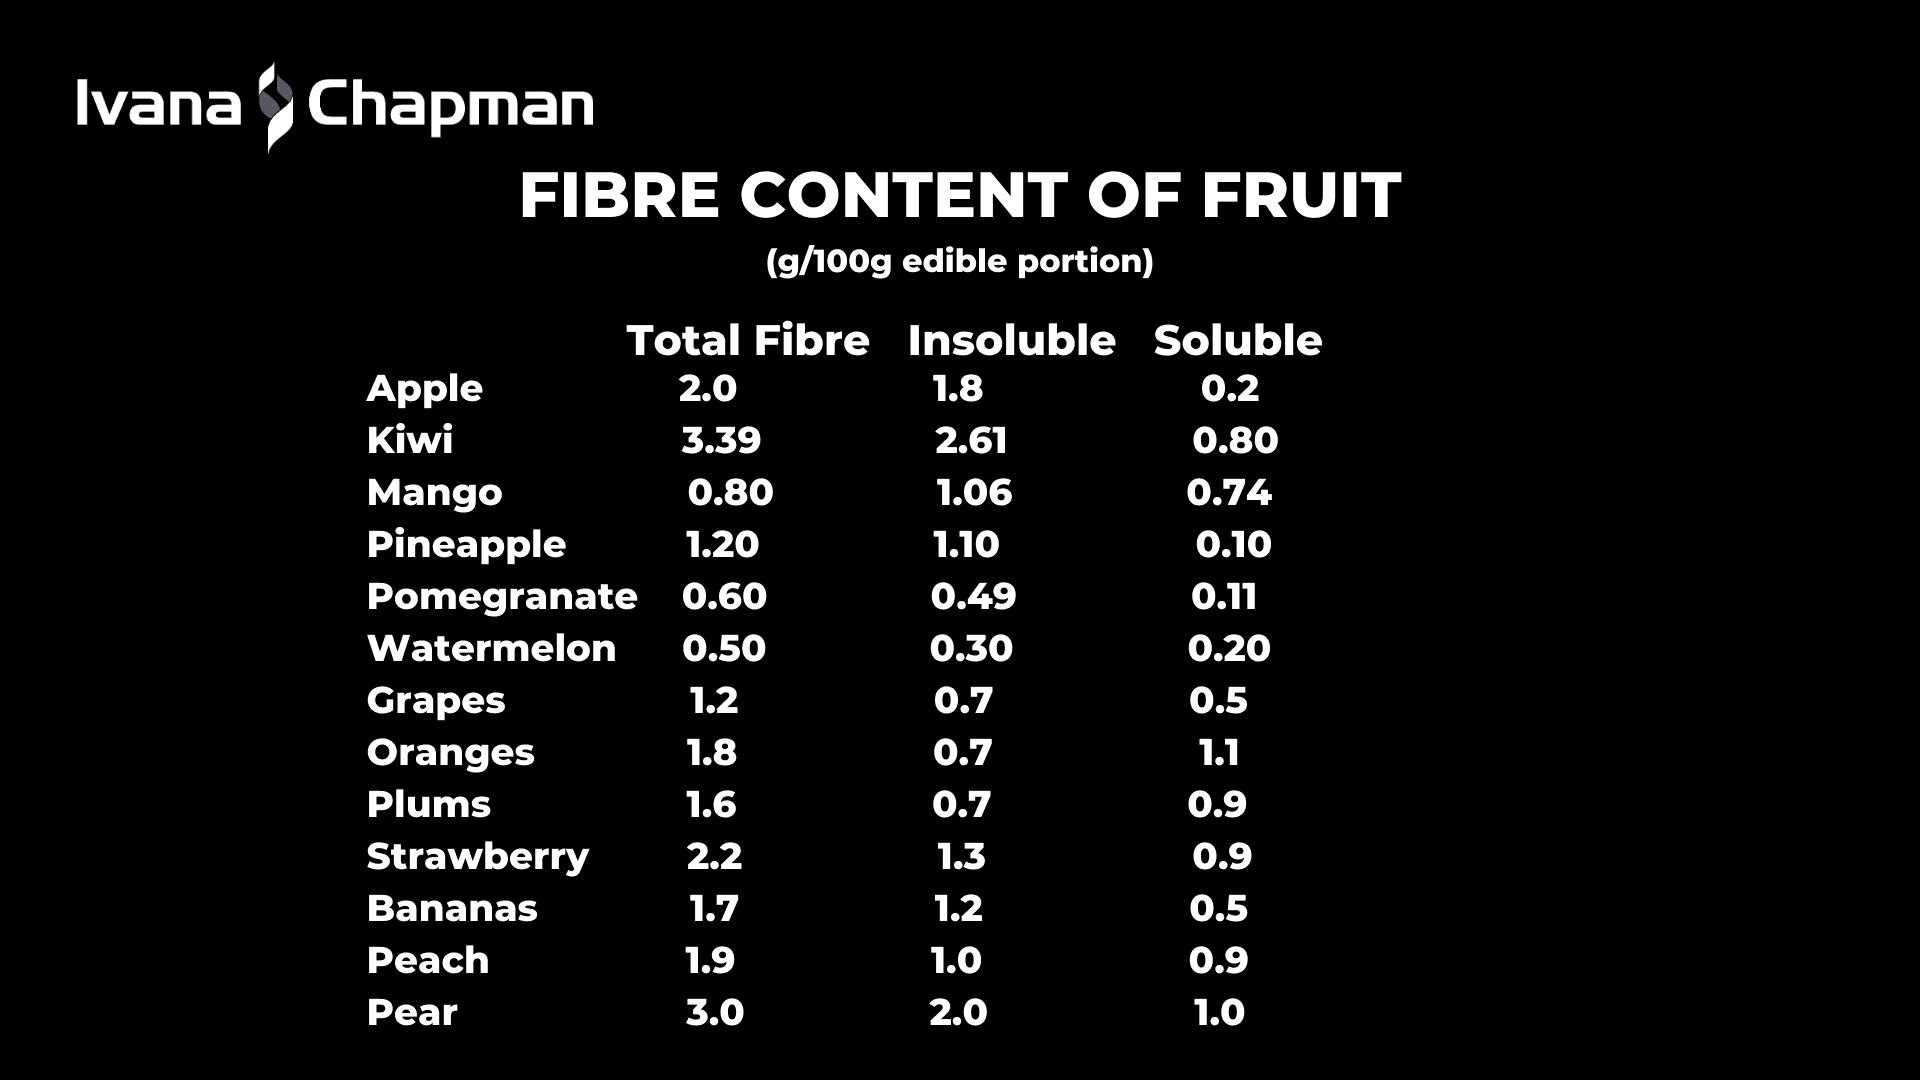 fibre-content-of-fruit